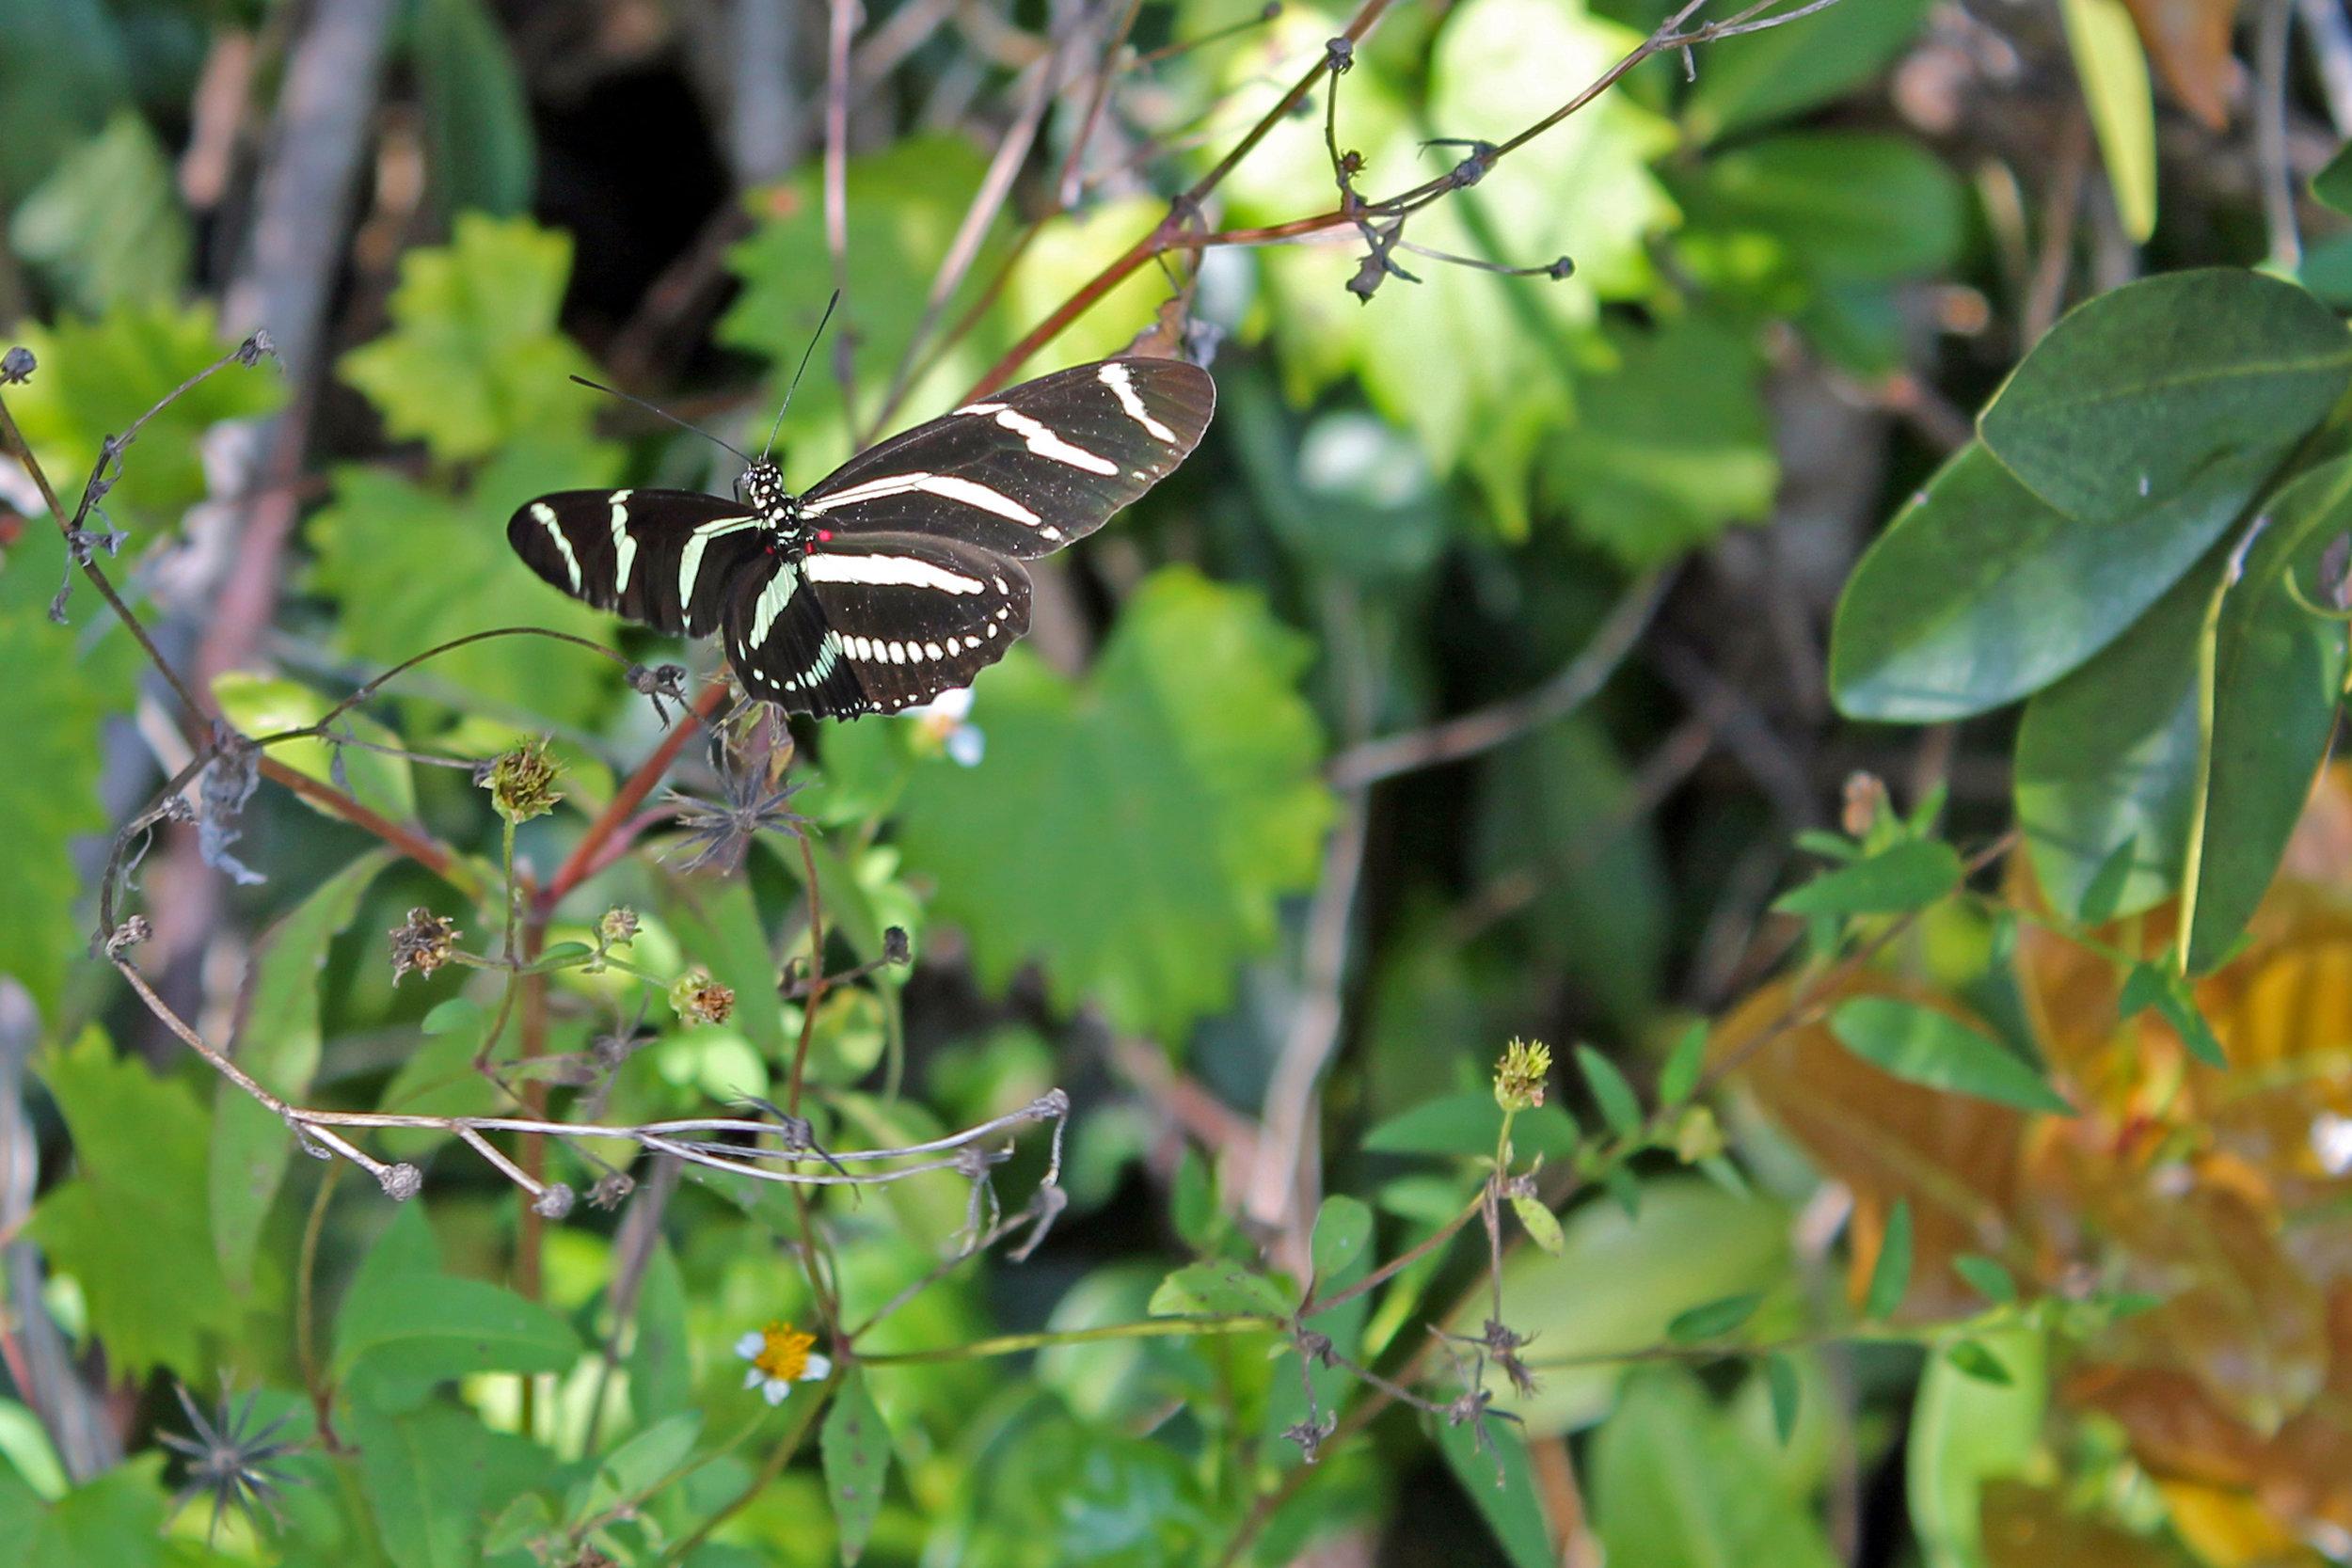 Heliconius charitonius on Bidens pilosa in Everglades NP, Florida 2014